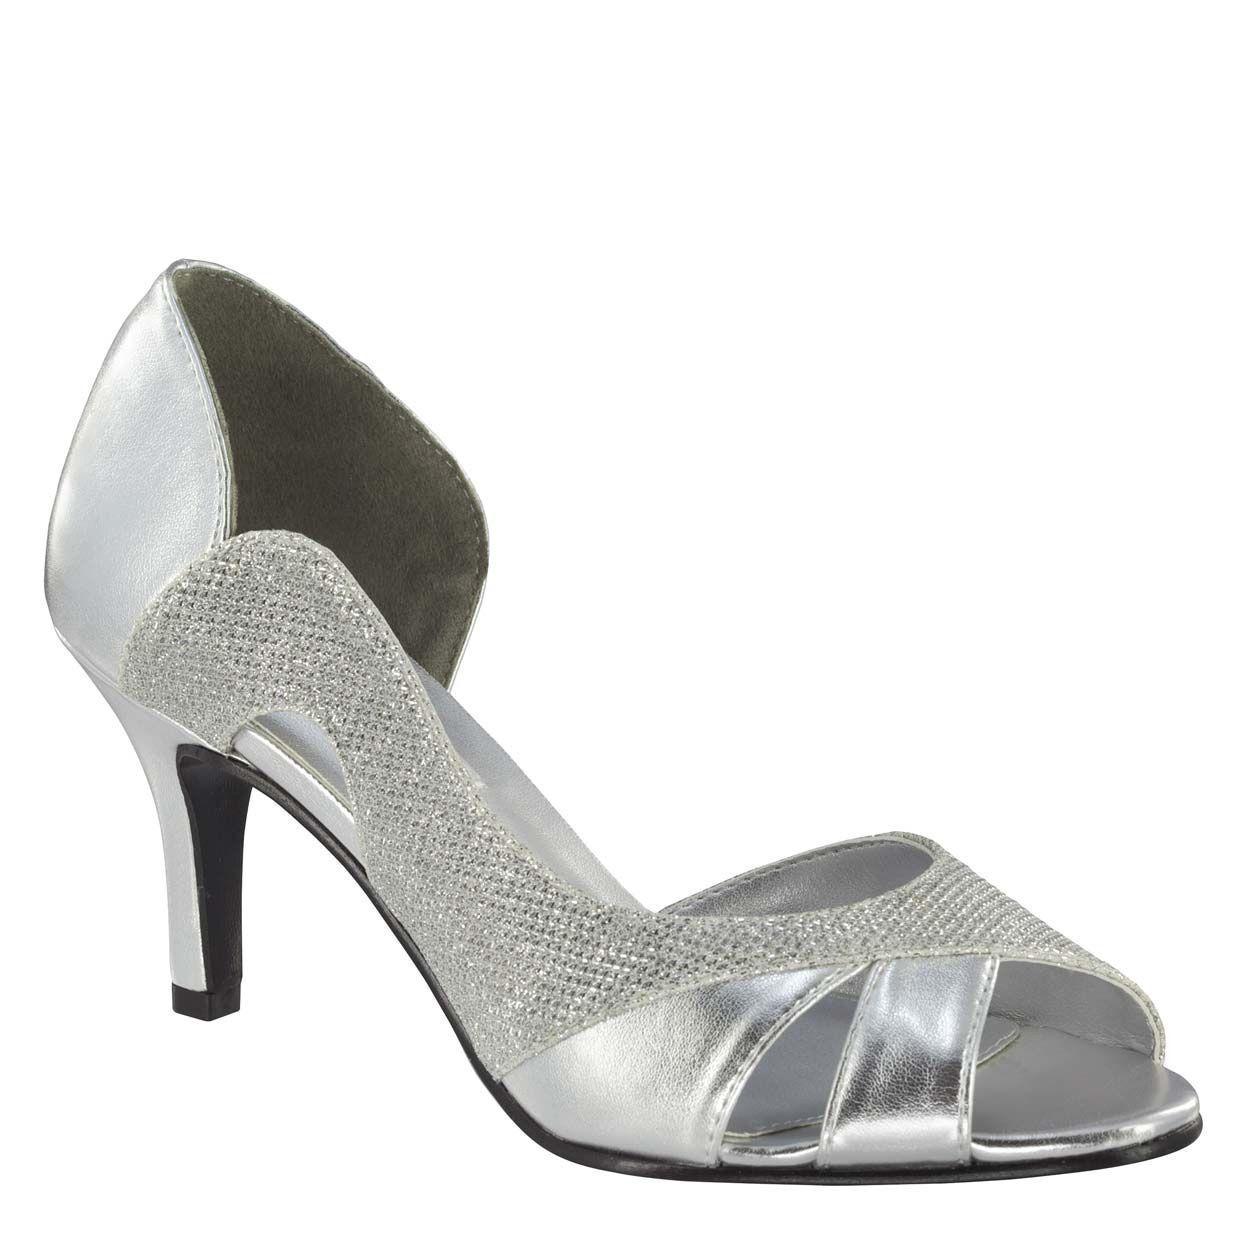 damen's Touch Ups Charlie Mid Heel Pump Silber Größe Größe Größe 6.5  NC9BS-M35 766c22